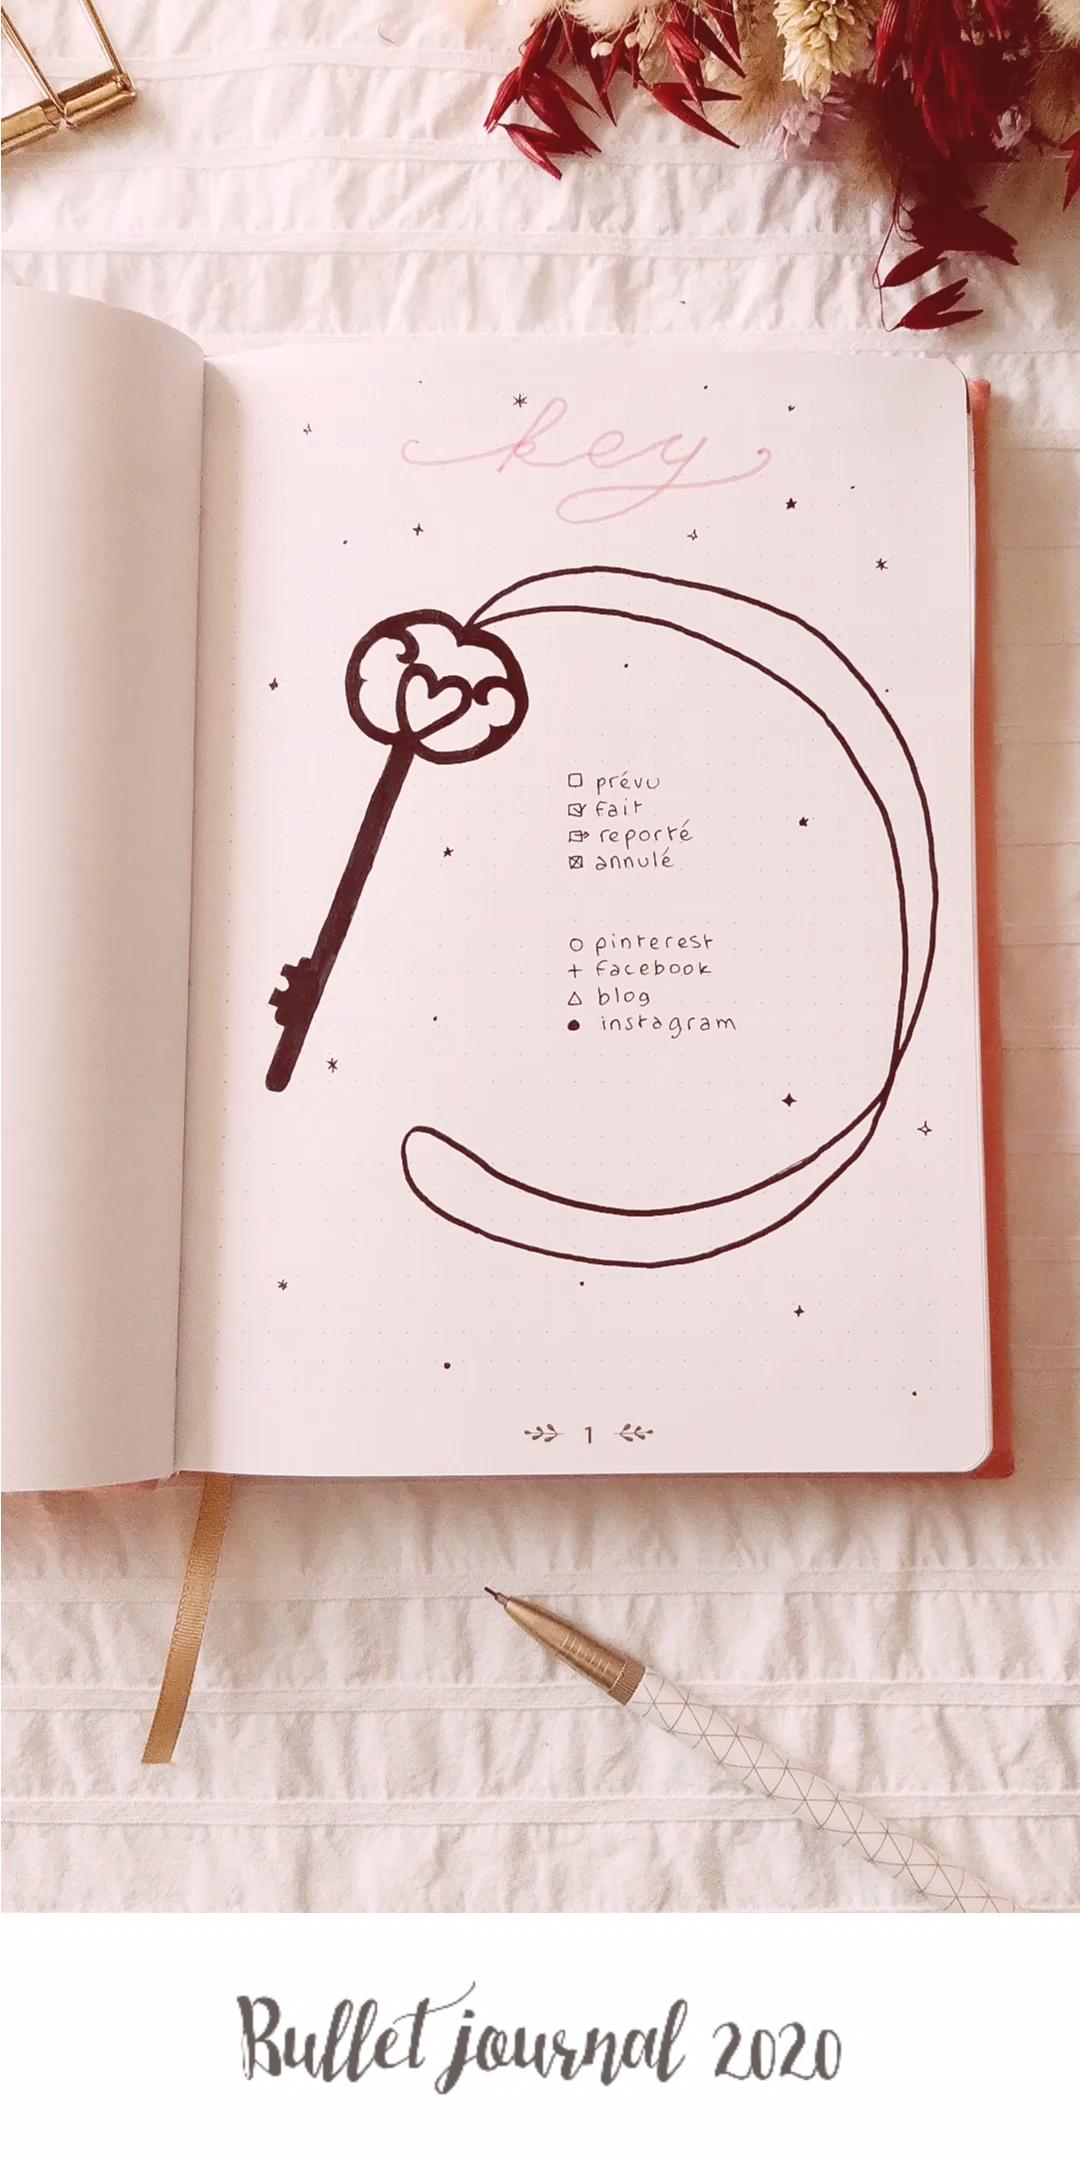 Voici les pages de base que j'ai réalisées dans mon bullet journal pour 2020 : les clés (key), un calendrier 2020, le future log, et les pages collection : musique, films, wishlist et idées DIY !Voici #les #pages #de #base #que #j'ai #réalisées #dans #mon #bullet #journal #pour #2020 #: #les #clés #(key), #un #calendrier #2020, #le #future #log, #et #les #pages #collection #: #musique, #films, #wishlist #et #idées #DIY #! #future